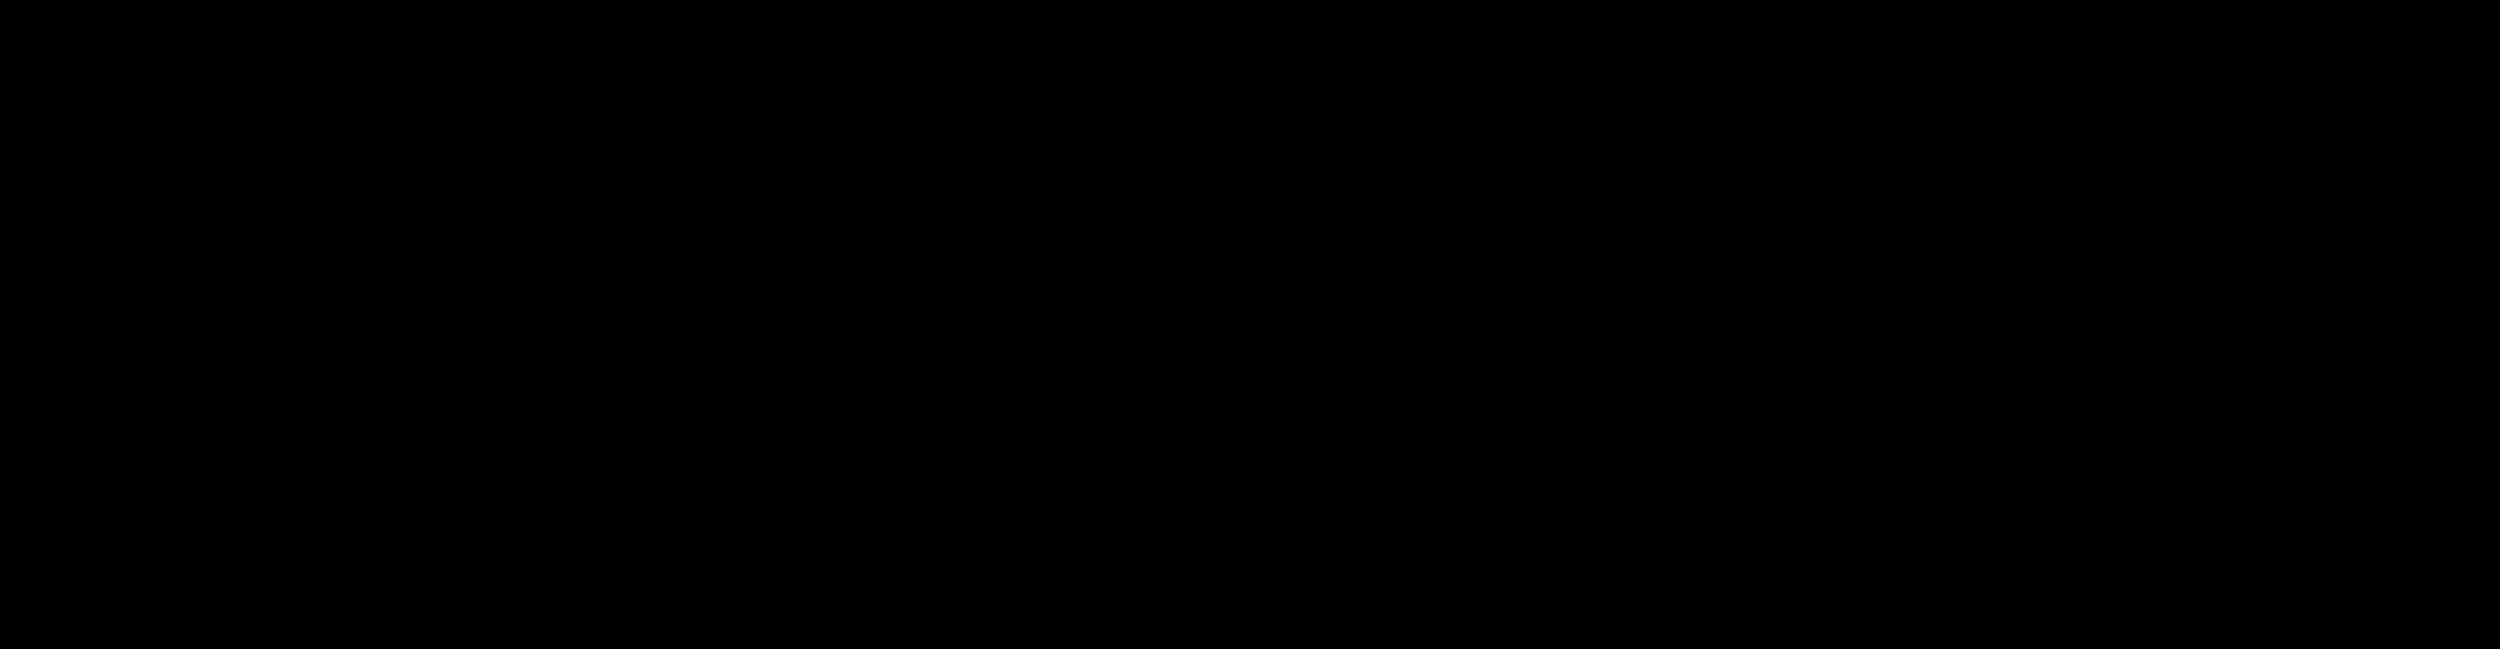 LAUREUS USA (BLACK) Transparent Backgrouns.png